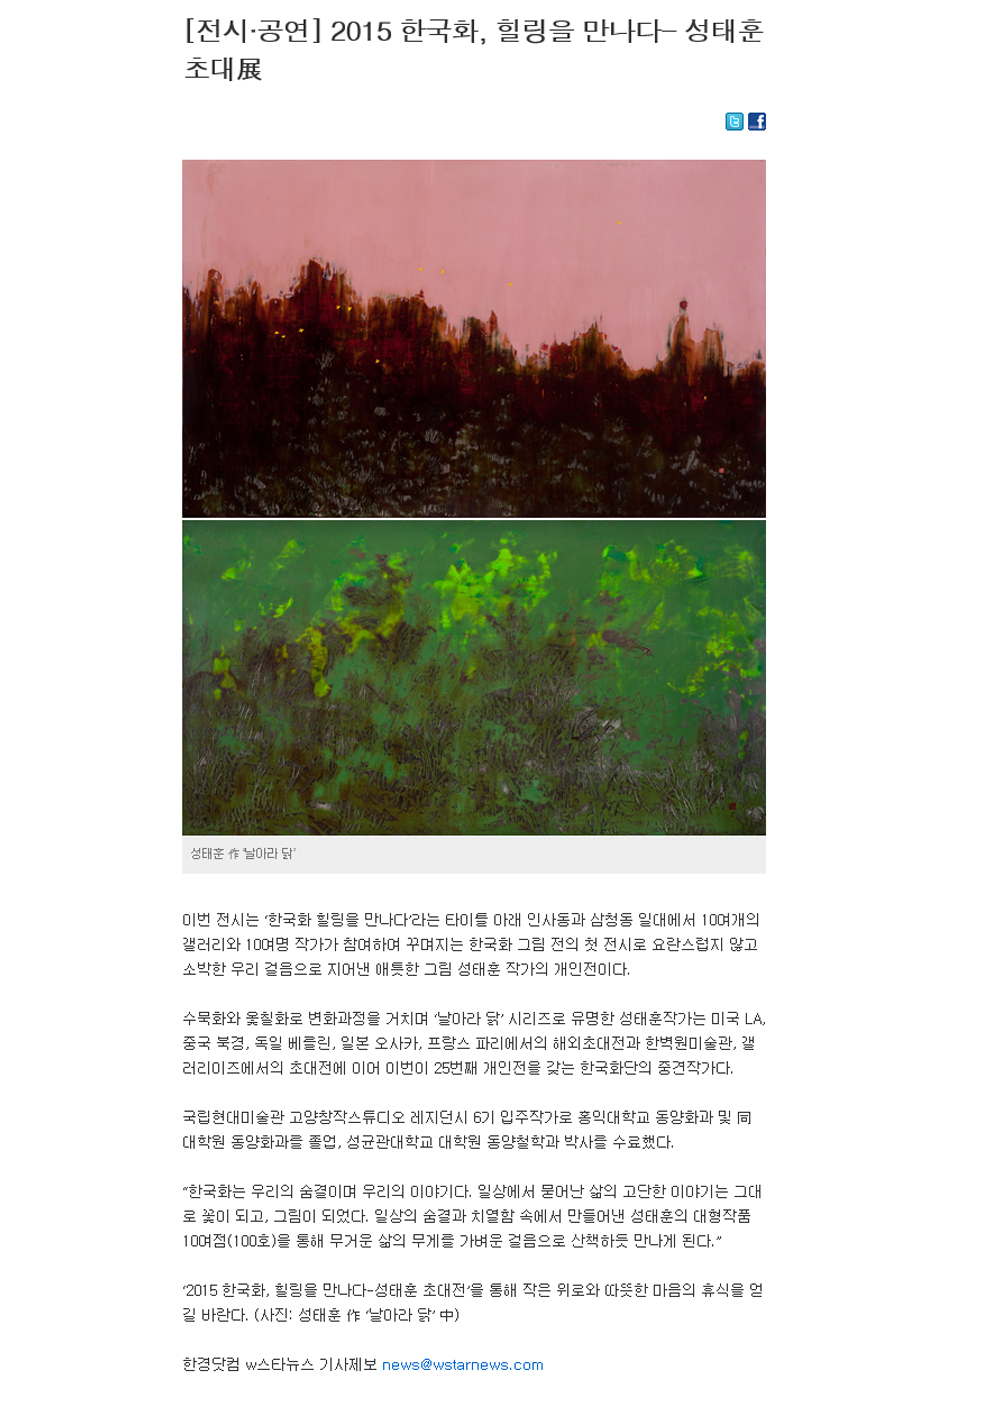 한경닷컴.JPG